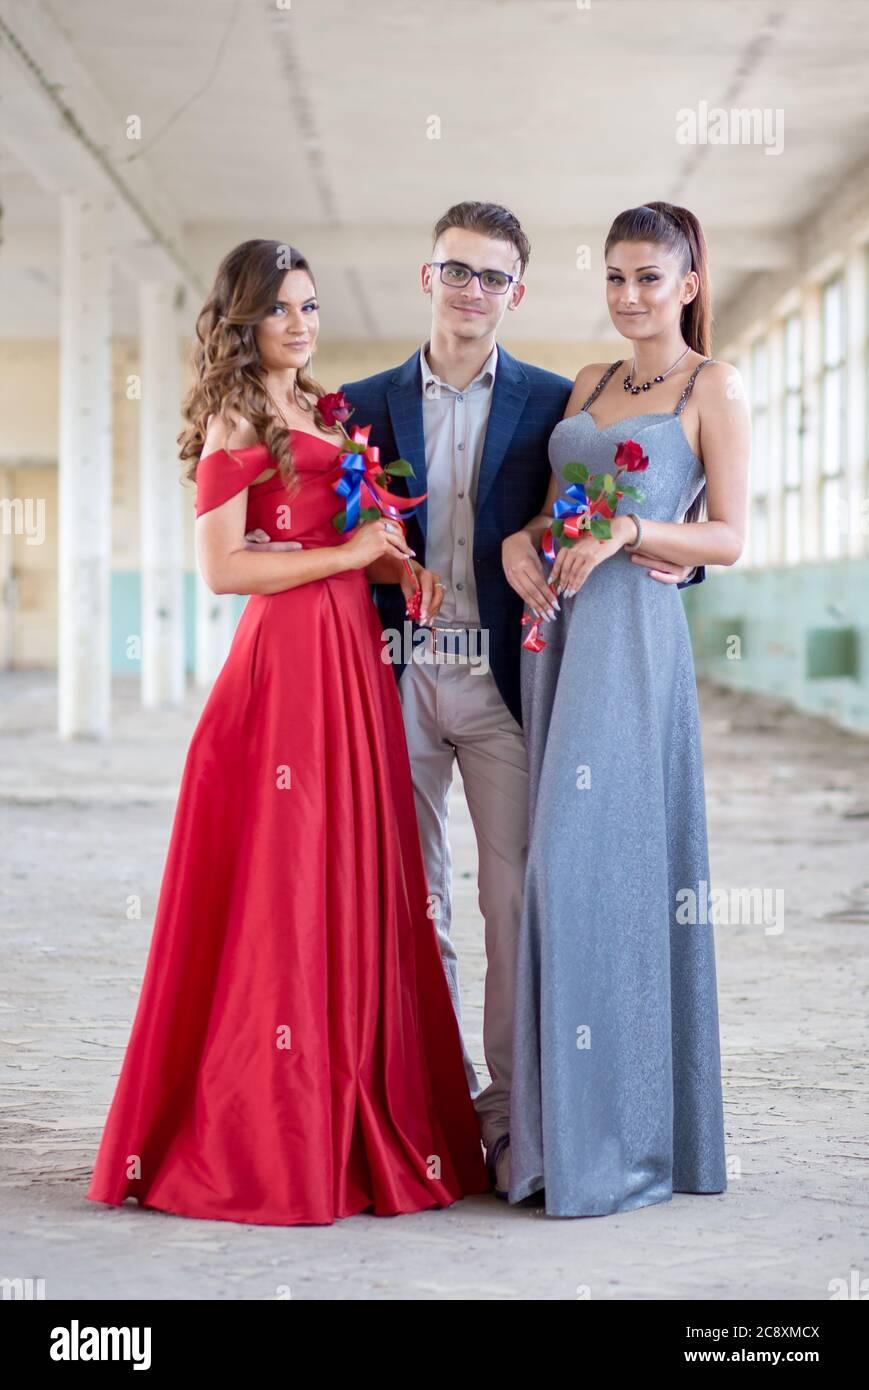 kleid blau silber anzug stockfotos und -bilder kaufen - alamy